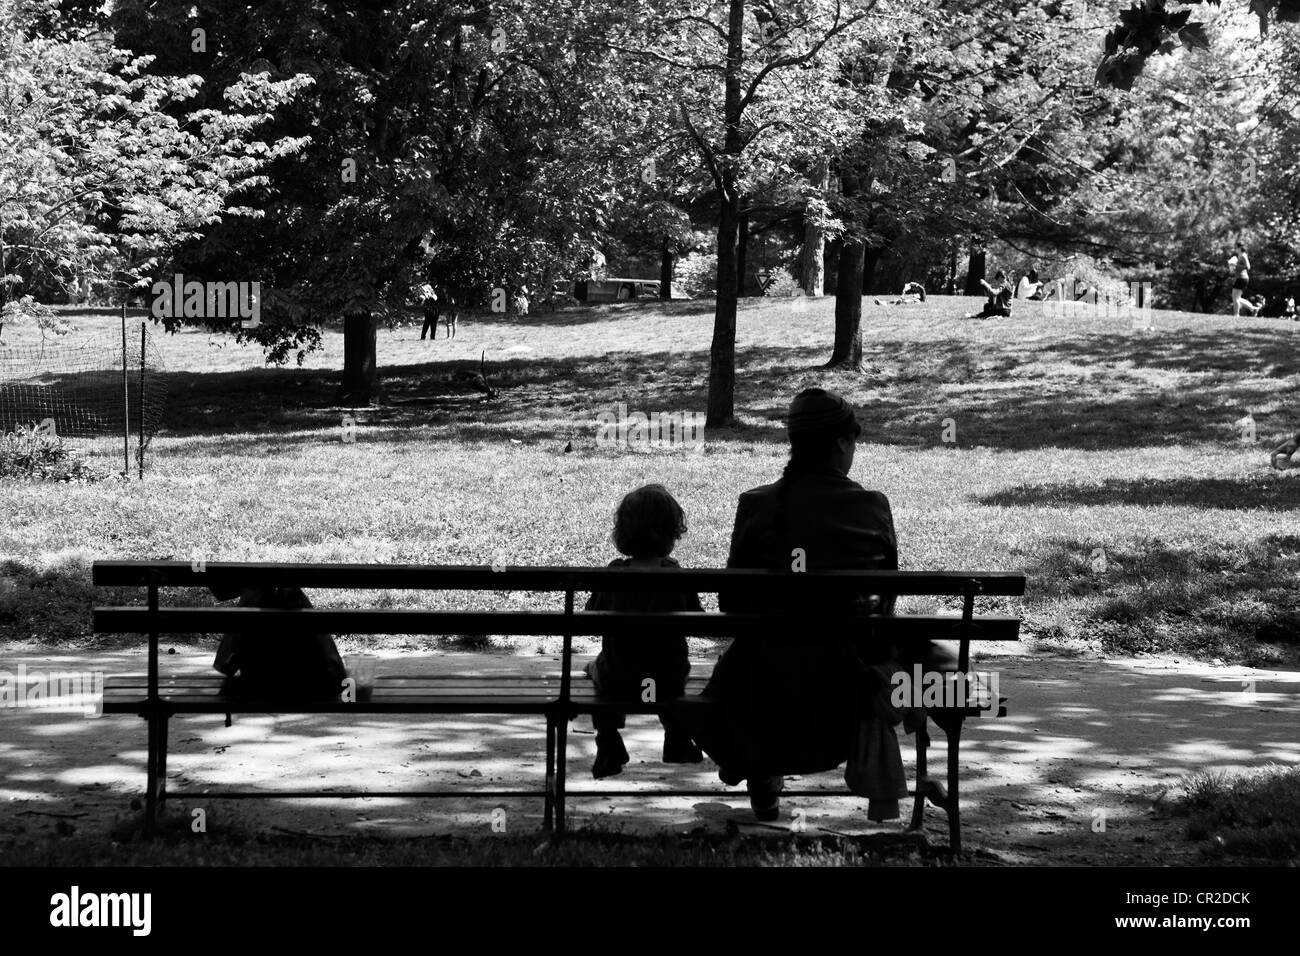 Mutter und Kind sitzen auf einer Bank im Prospect Park in Brooklyn, New York. Stockbild